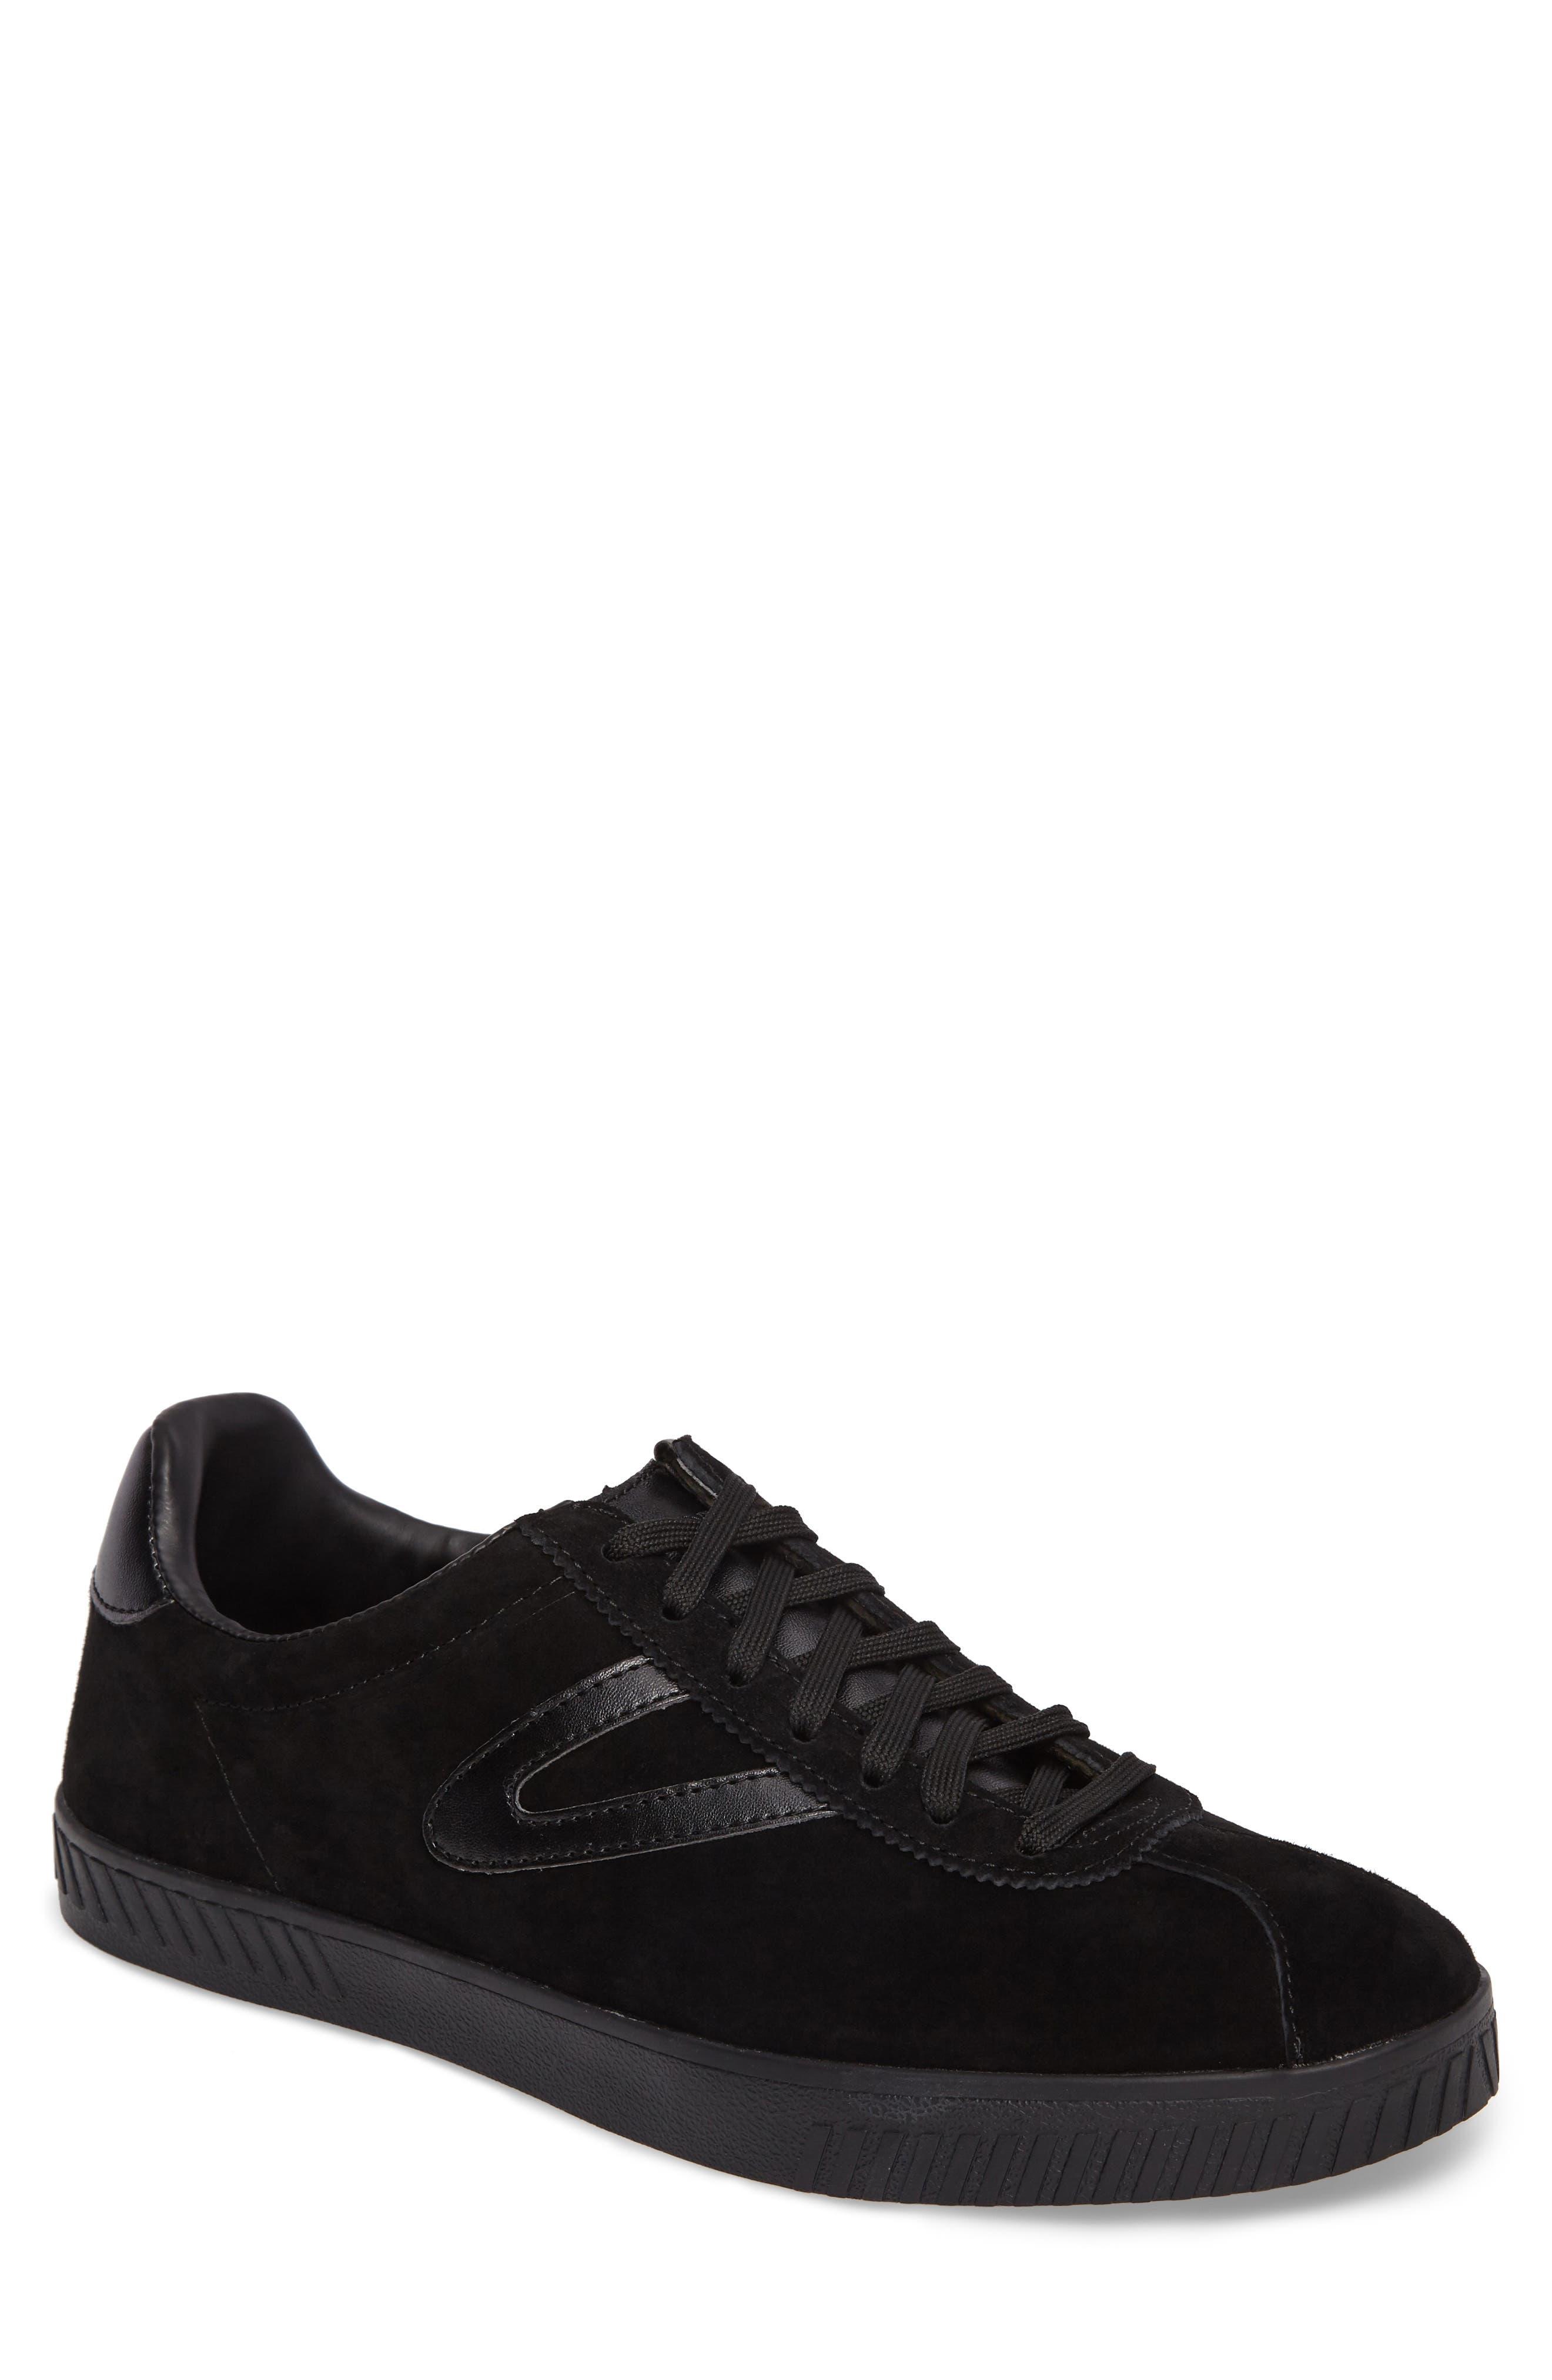 Camden 3 Sneaker,                             Main thumbnail 1, color,                             001